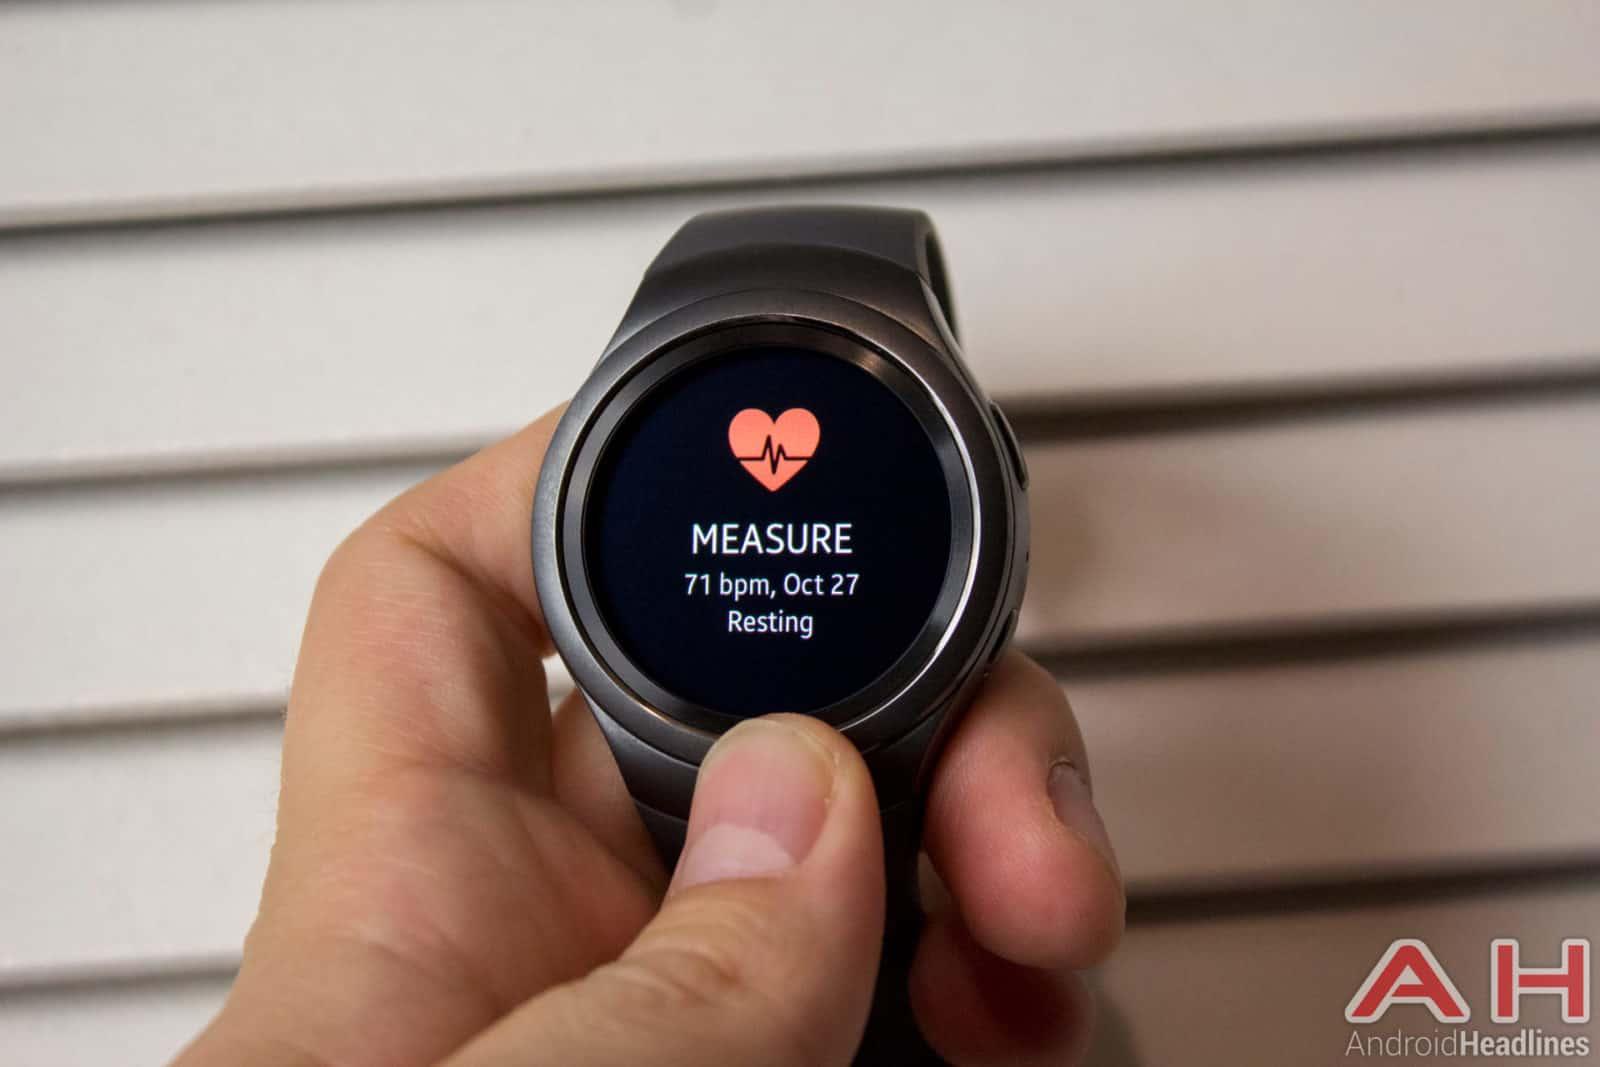 Samsung-Gear-S2-AH-heartrate